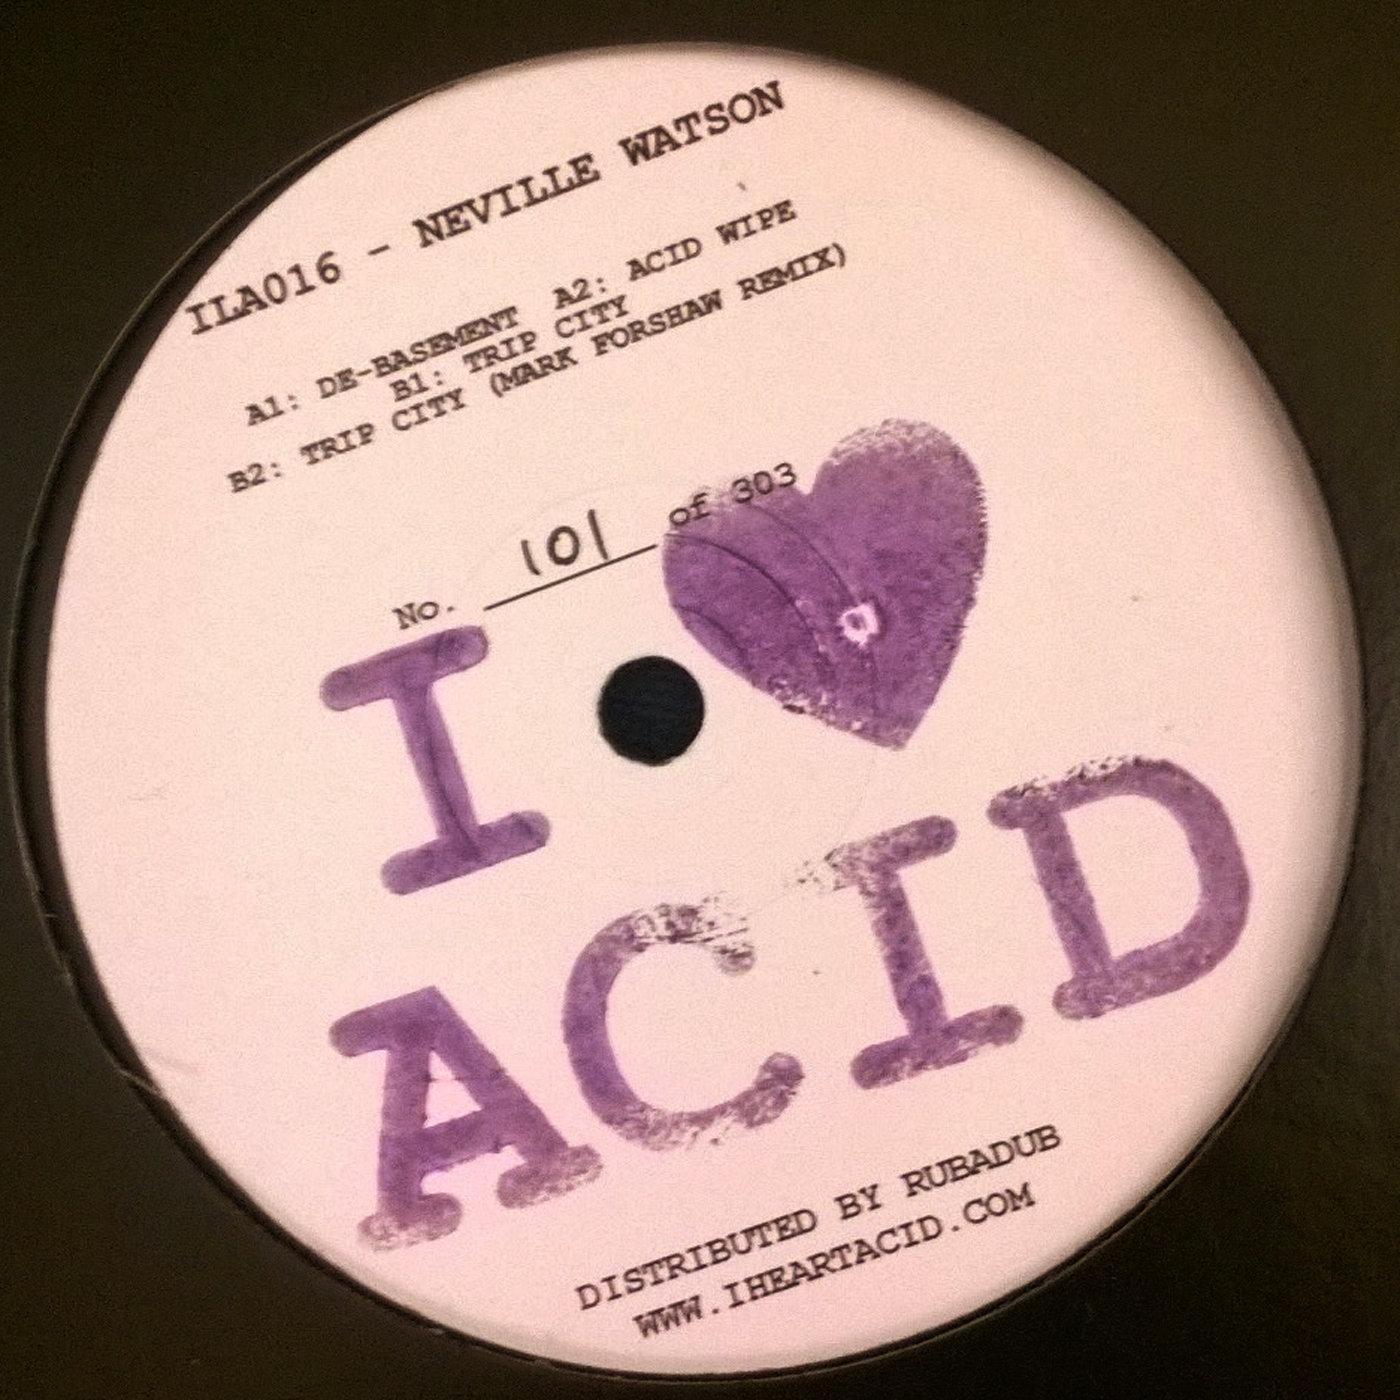 """Neville Watson/I LOVE ACID 016 12"""""""